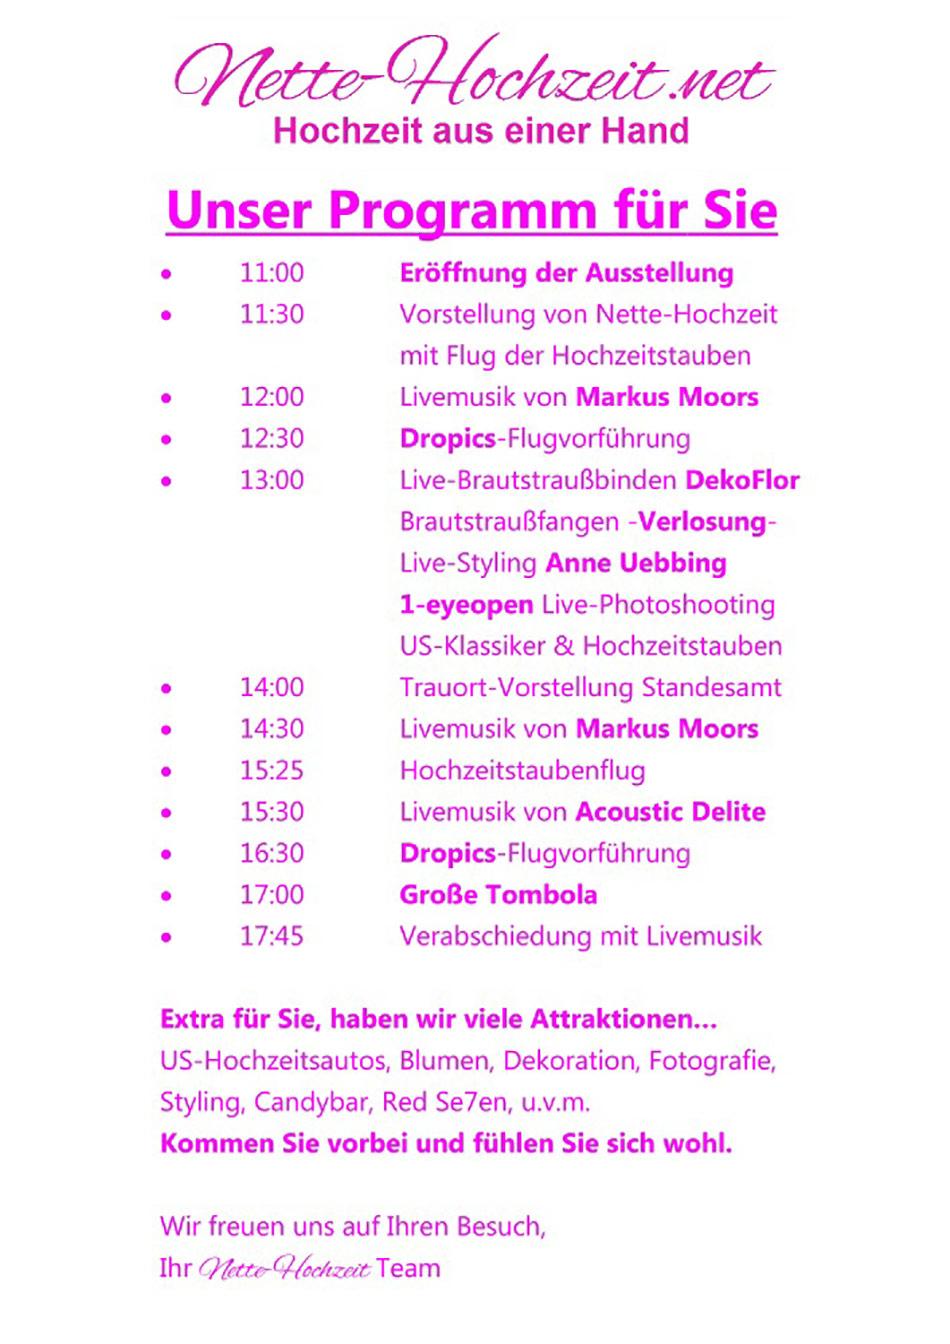 Programm - Nette-Hochzeit